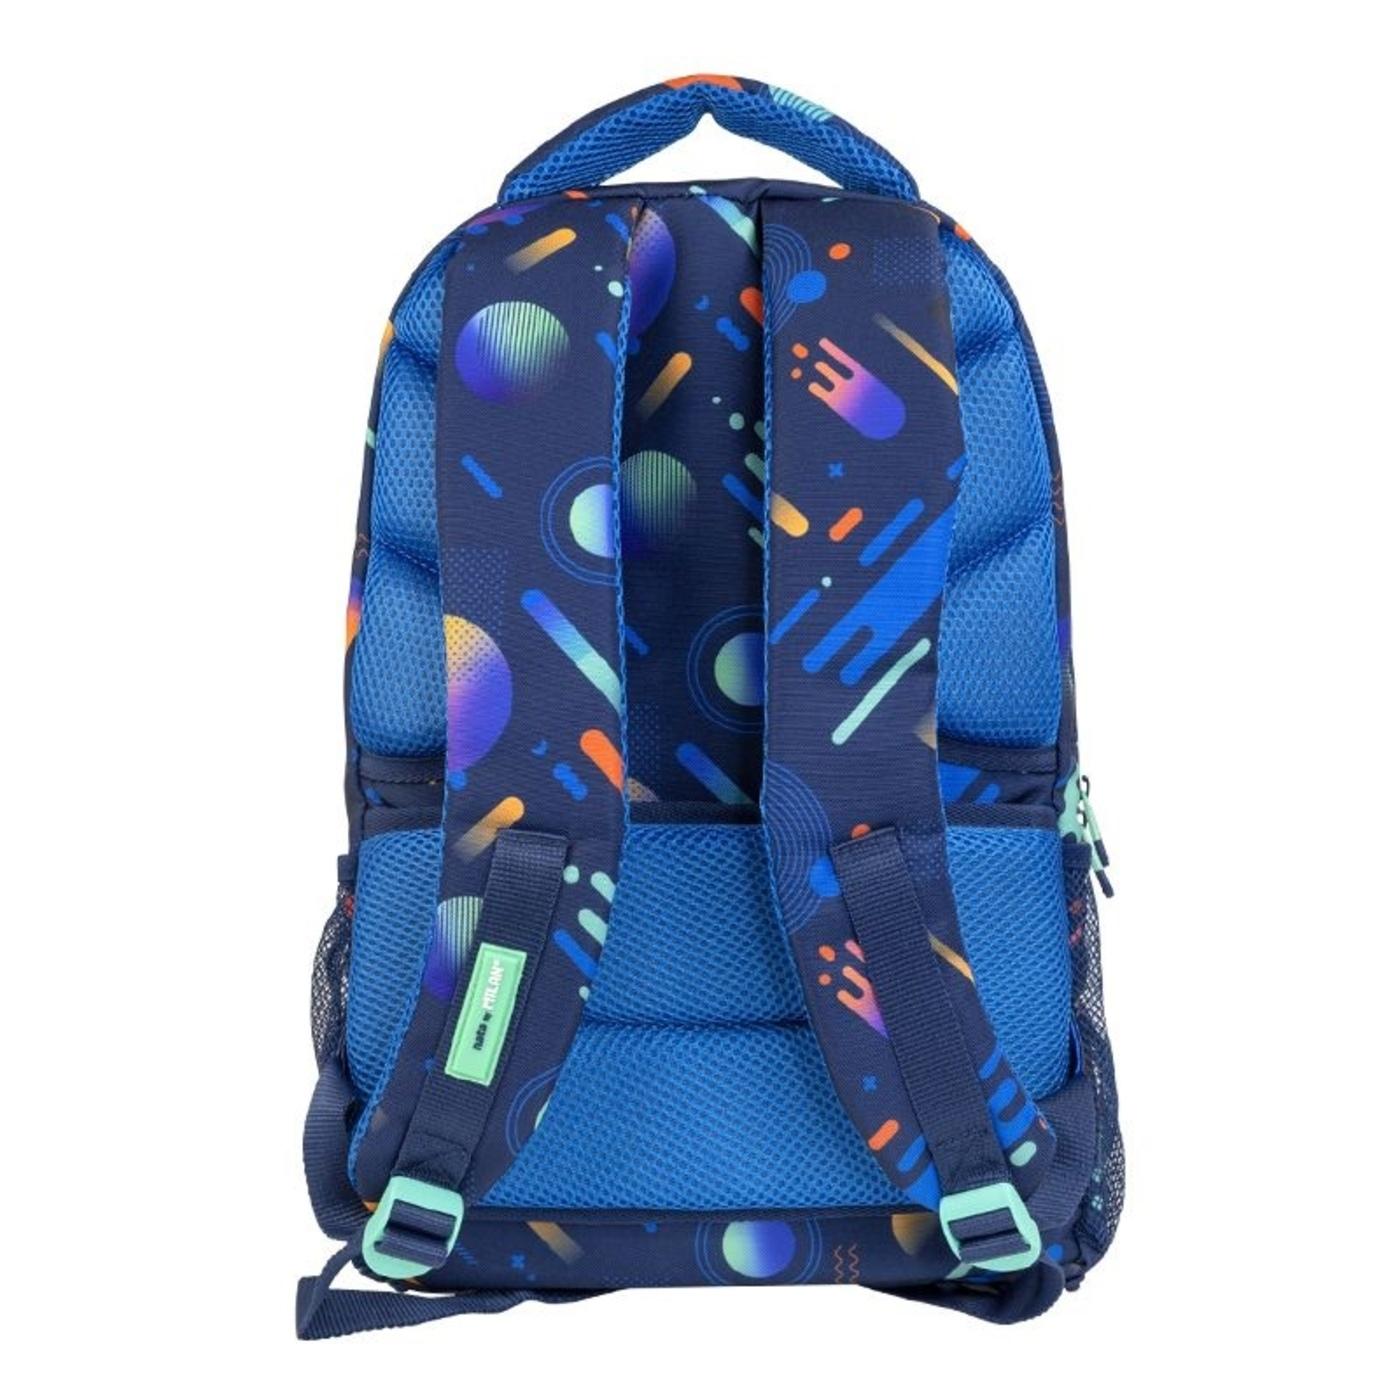 Plecak szkolny Milan 25l Psico Galaxy niebieski (624604PSG)